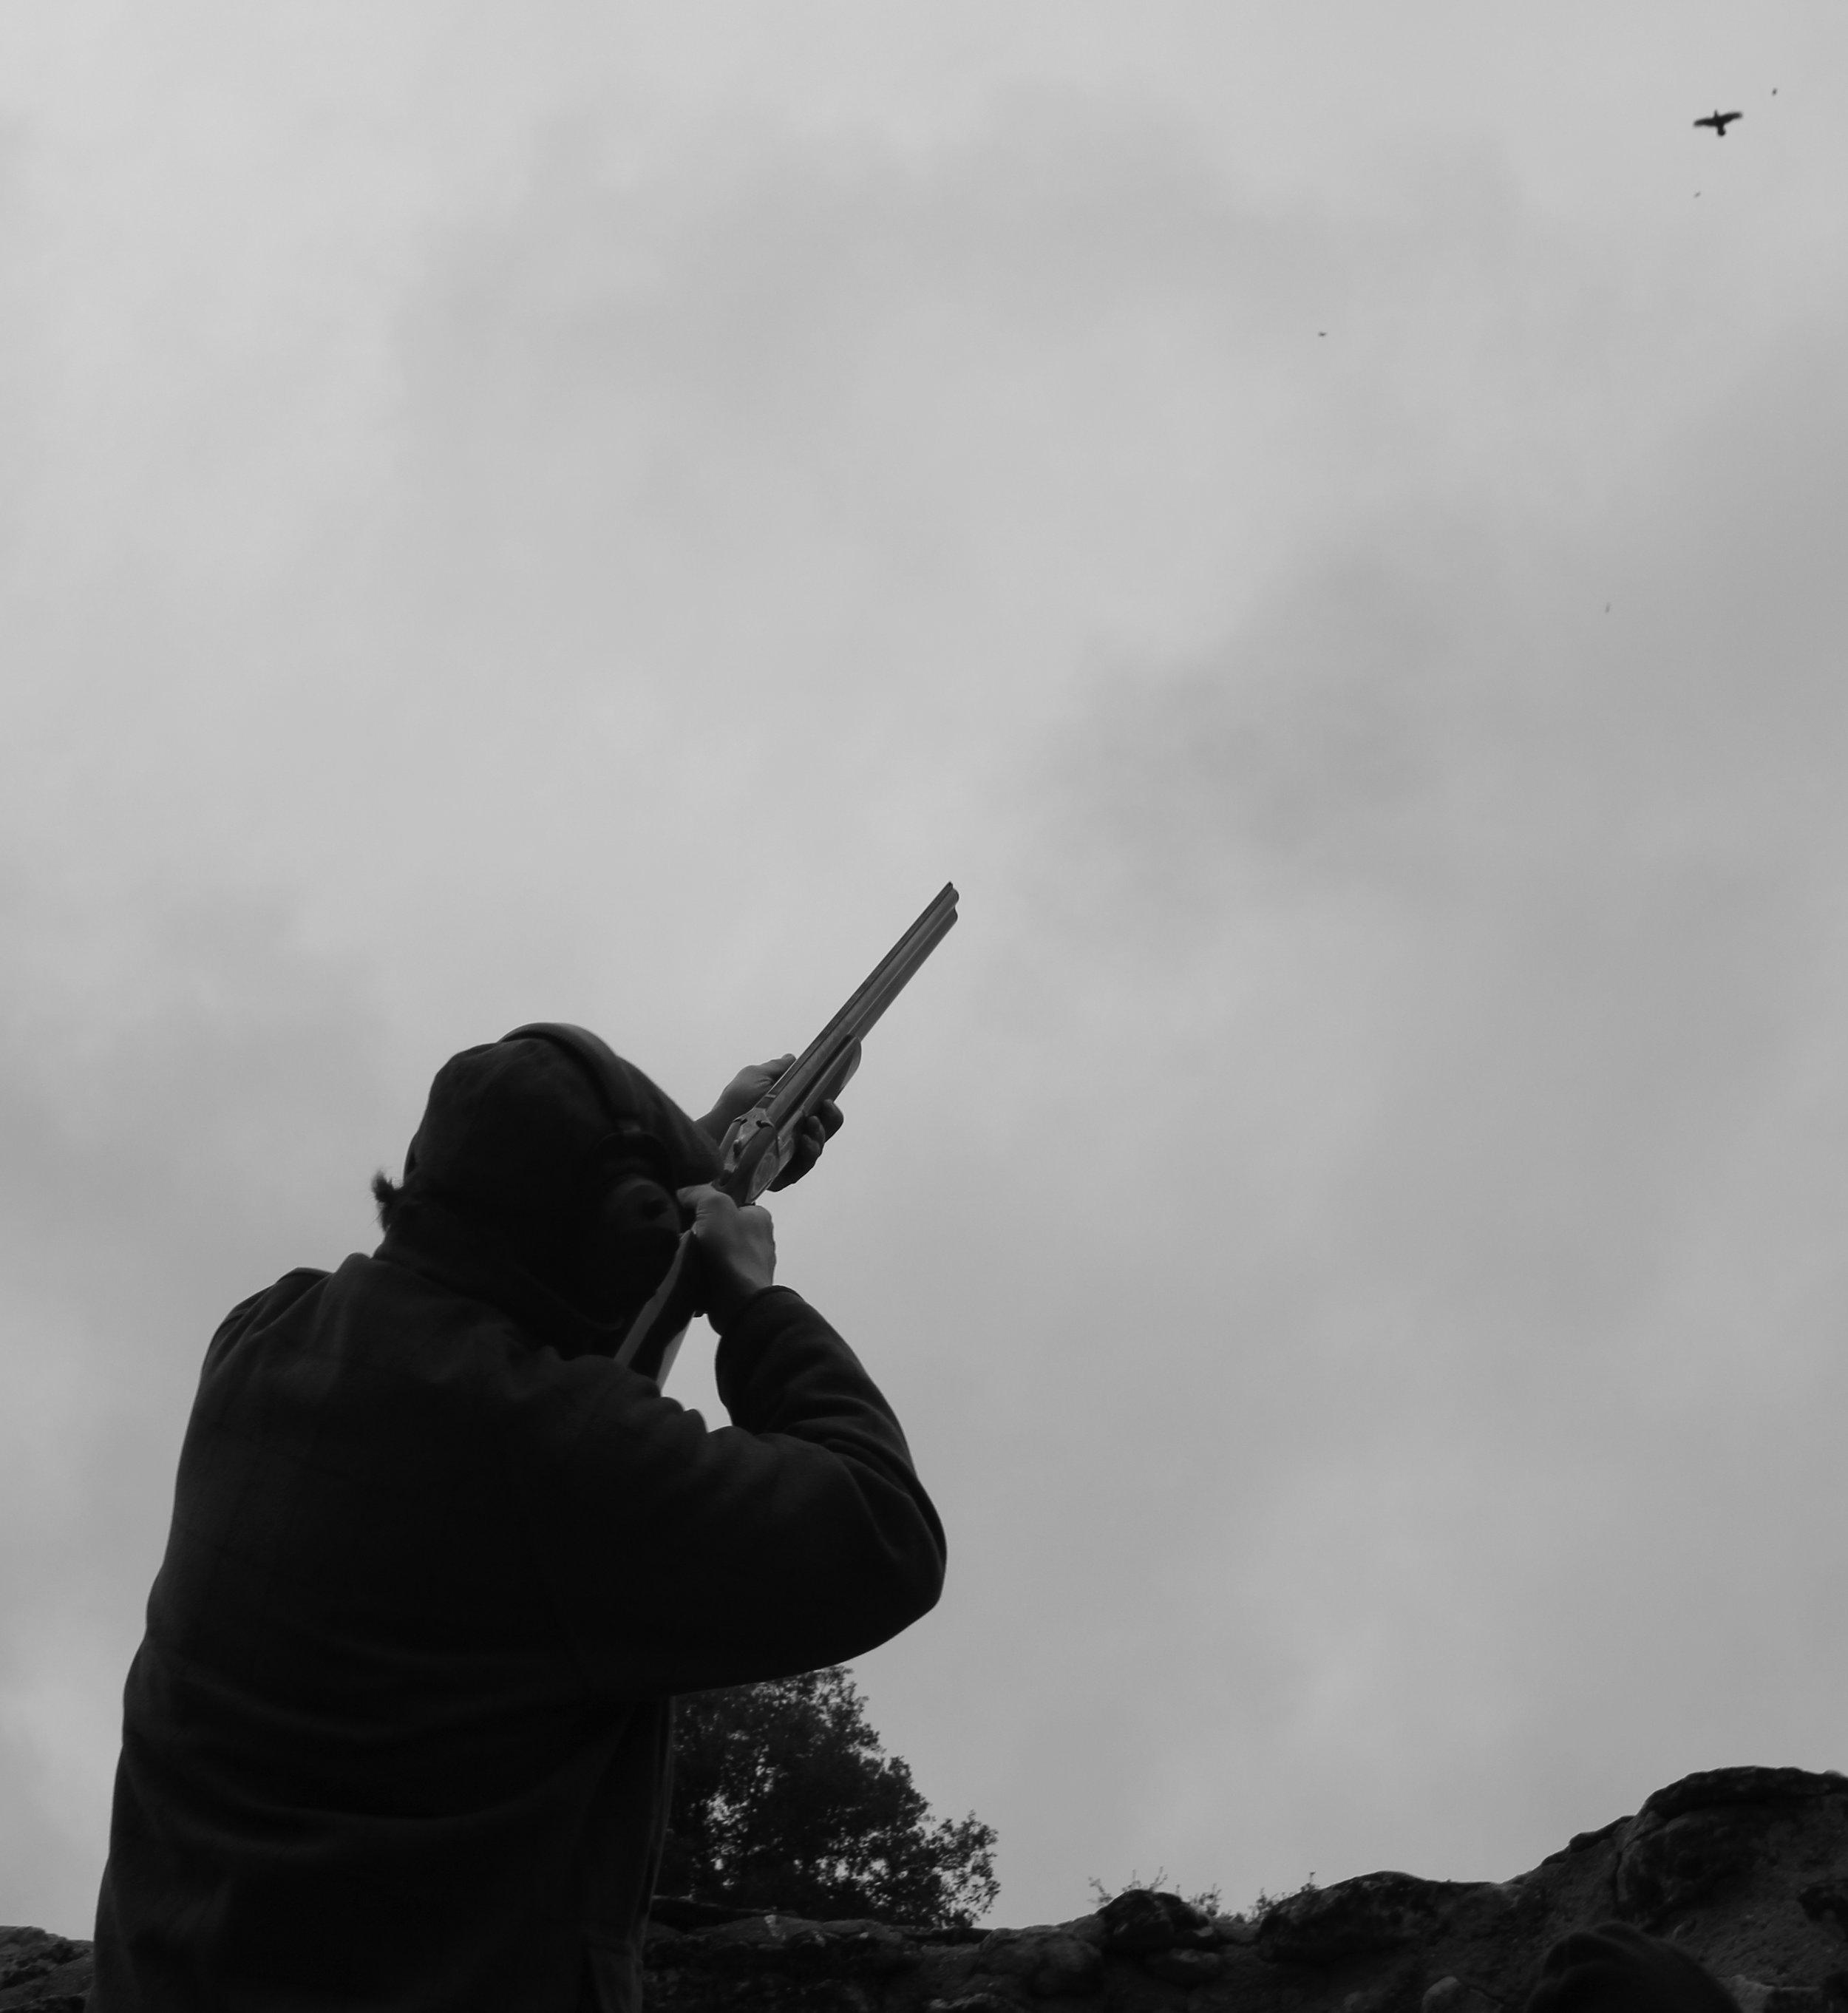 partridge-shooting-in-spain